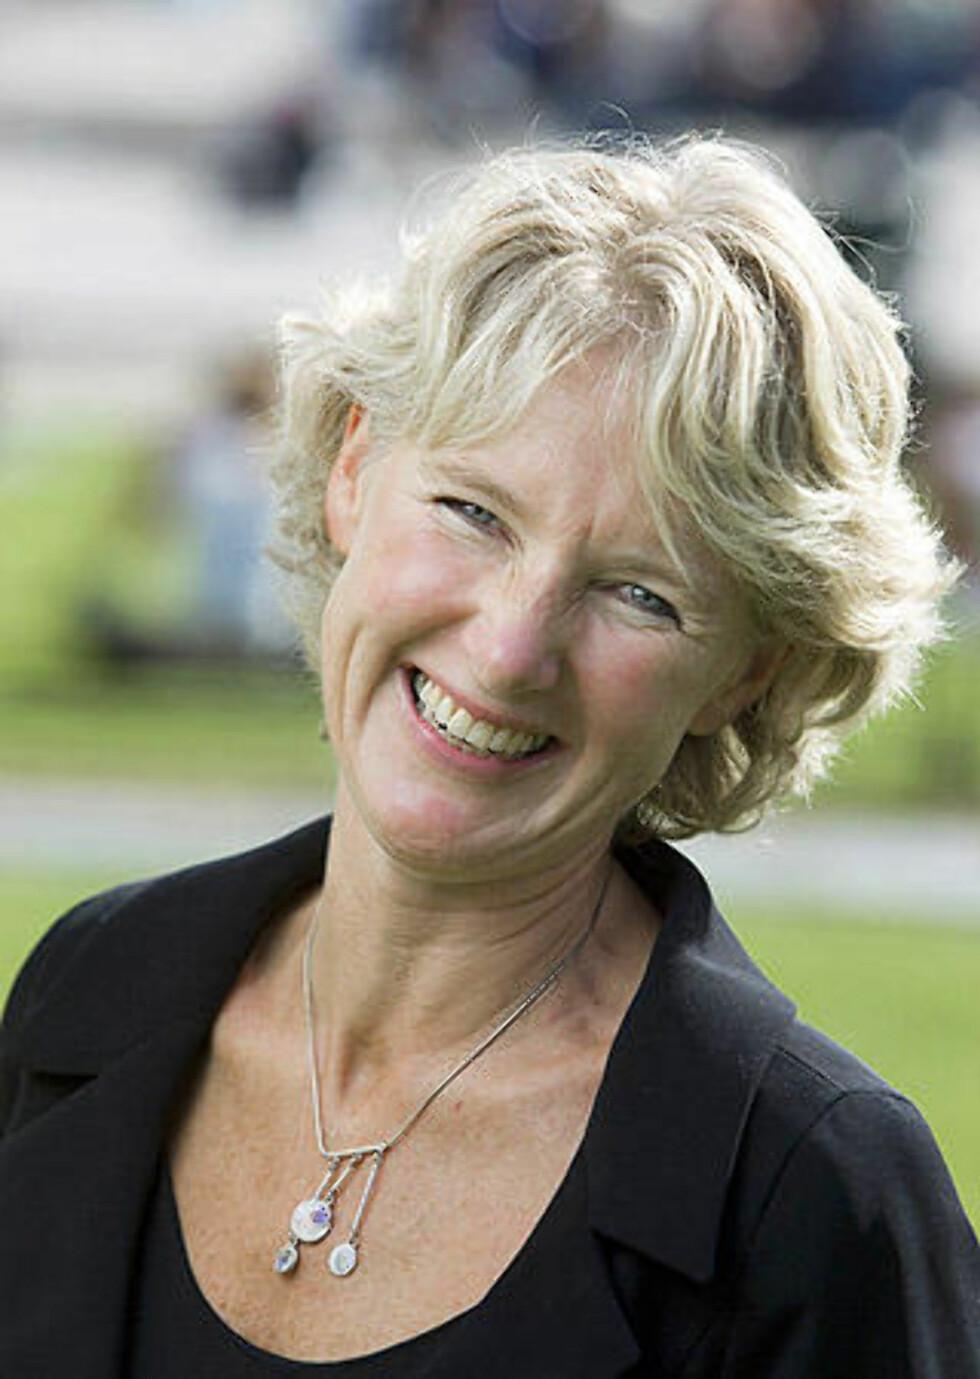 STILLER FORTSATT KRAV: Informasjonssjef Marianne Røiseland i TV 2 tror ikke kanalens troverdighet er svekket av PFUs uttalelse. Foto: TV 2